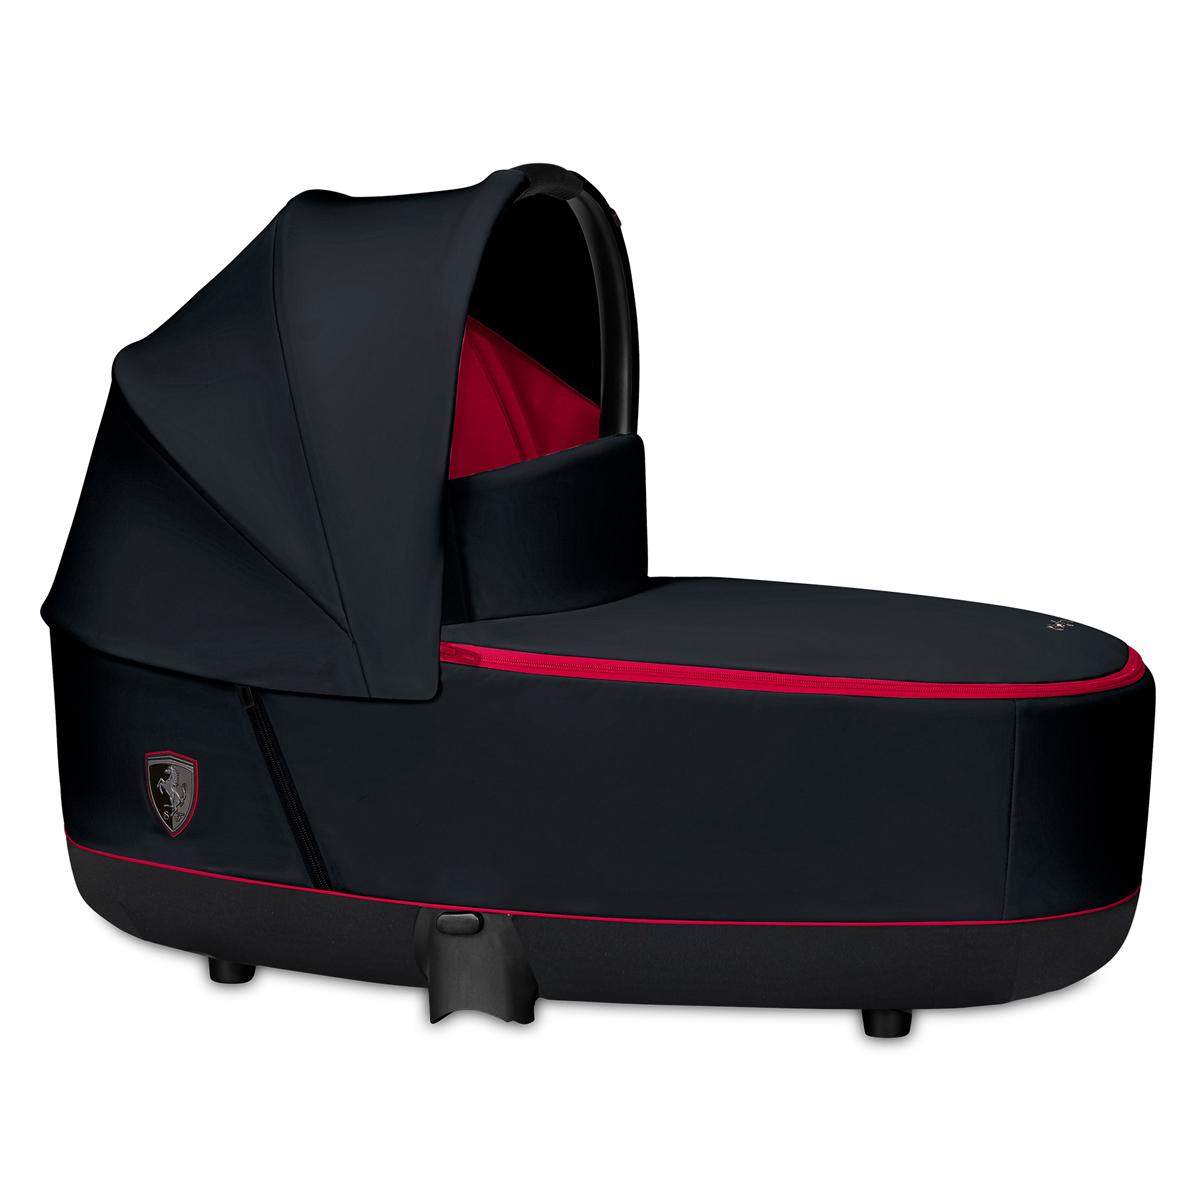 Nacelle Nacelle de Luxe Priam Scuderia Ferrari - Victory Black